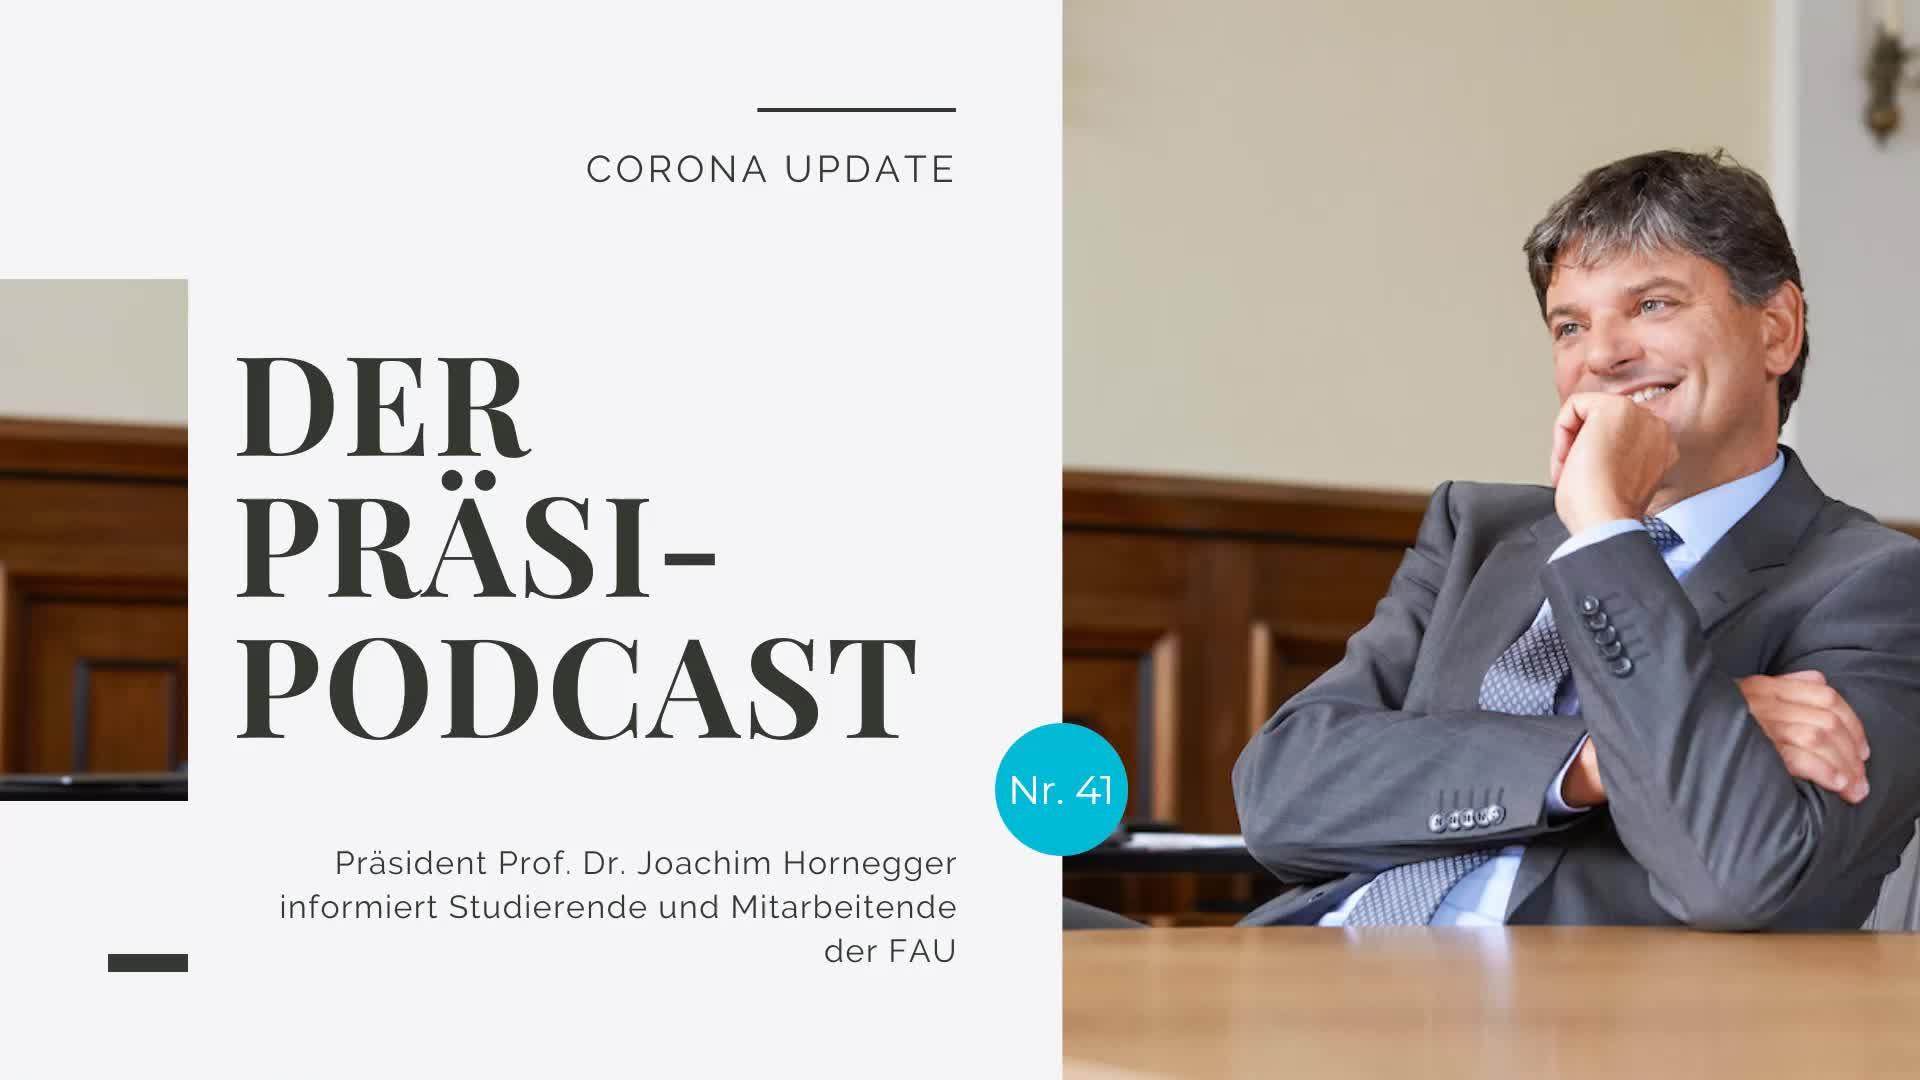 """""""Der Präsi-Podcast"""" vom 26. Februar 2021 preview image"""